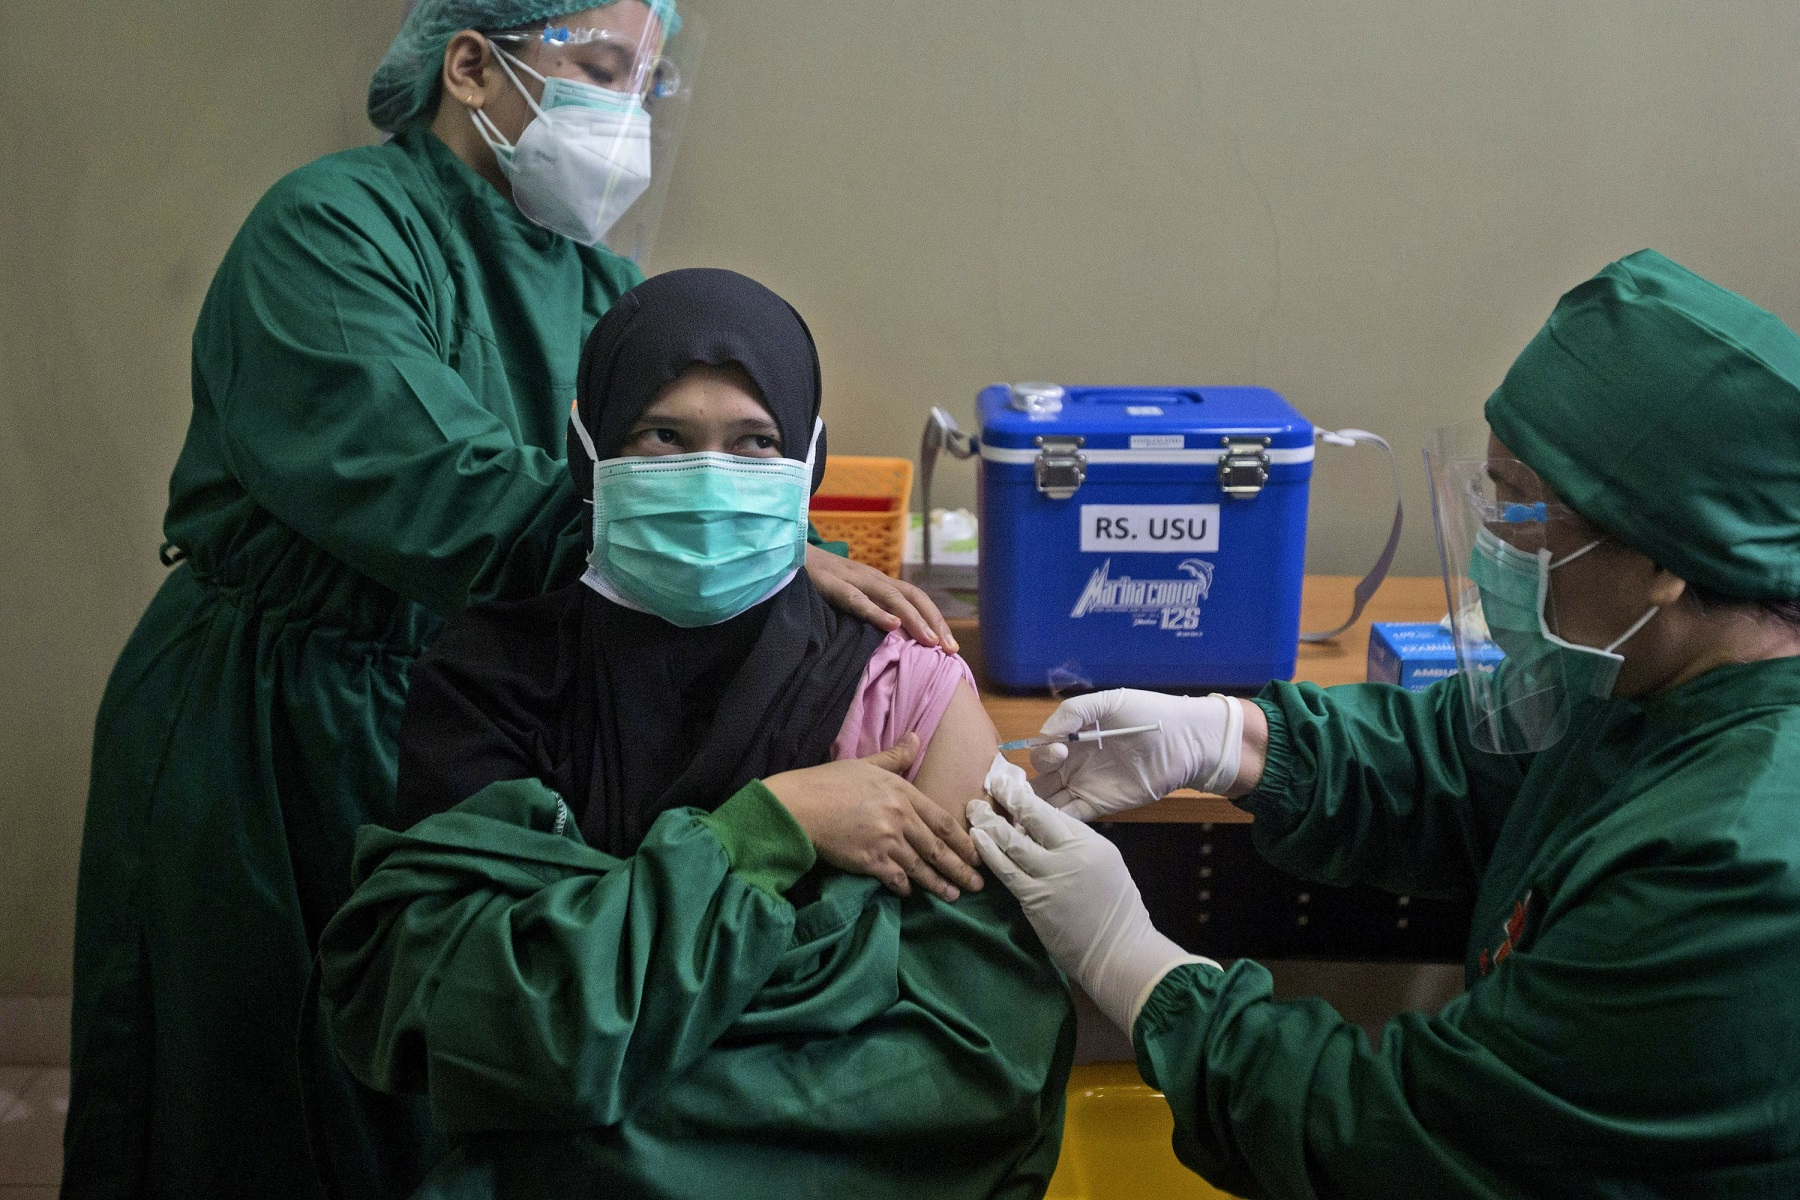 Αποθέματα Εμβολιασμοί: Τα έθνη της Νότιας Ασίας απευθύνονται στην Κίνα και τη Ρωσία για βοήθεια εμβολίων